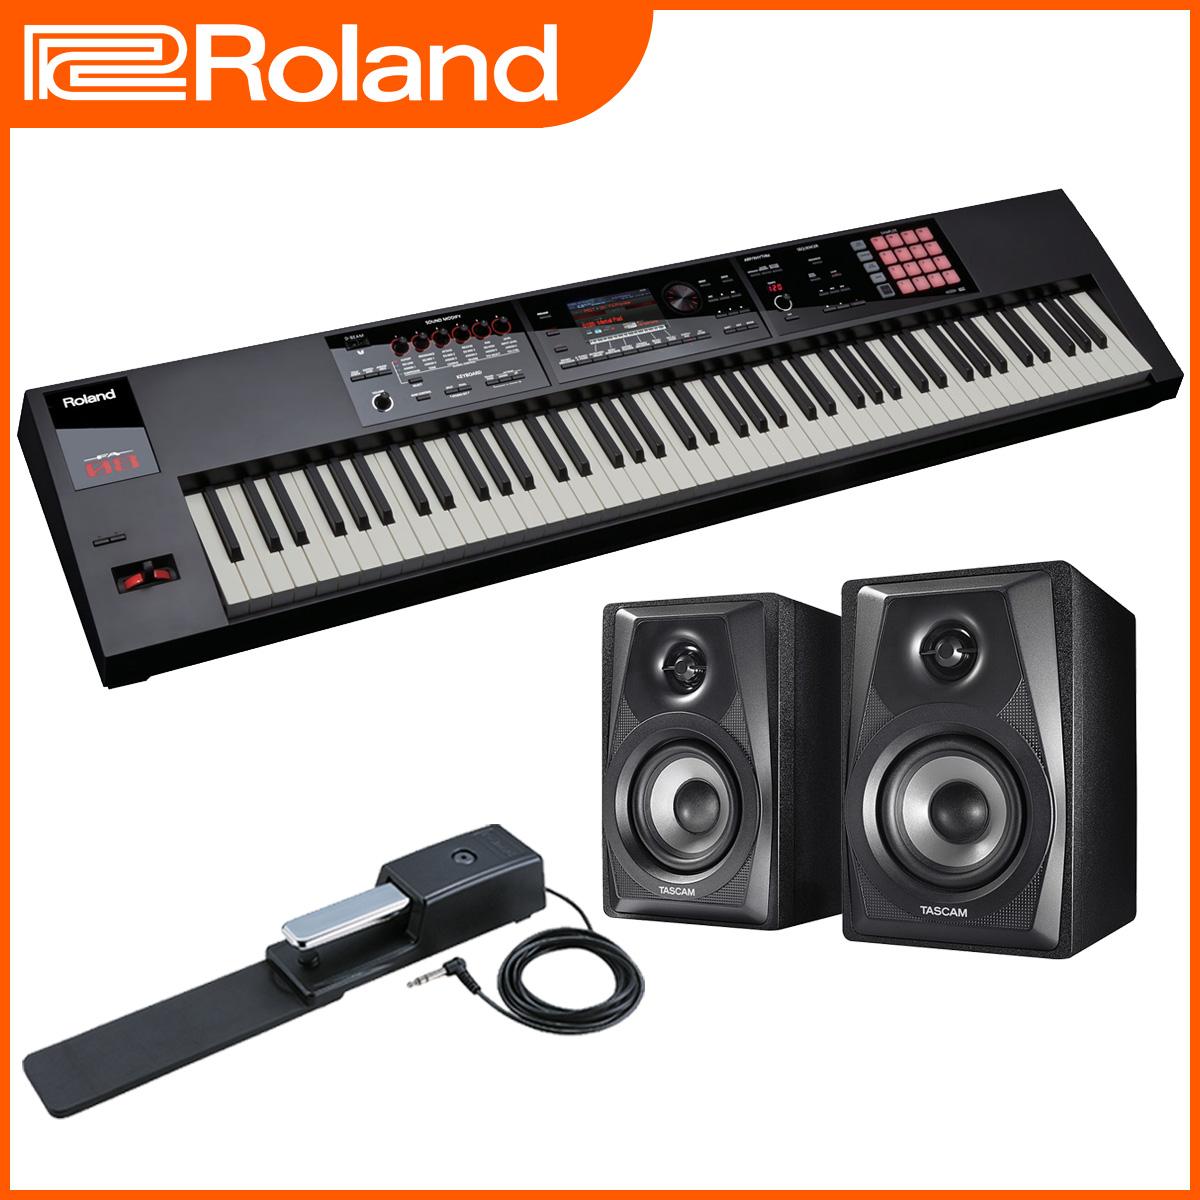 Roland ローランド / FA-08 【モニタースピーカーセット!】 シンセサイザー (FA08) 【YRK】